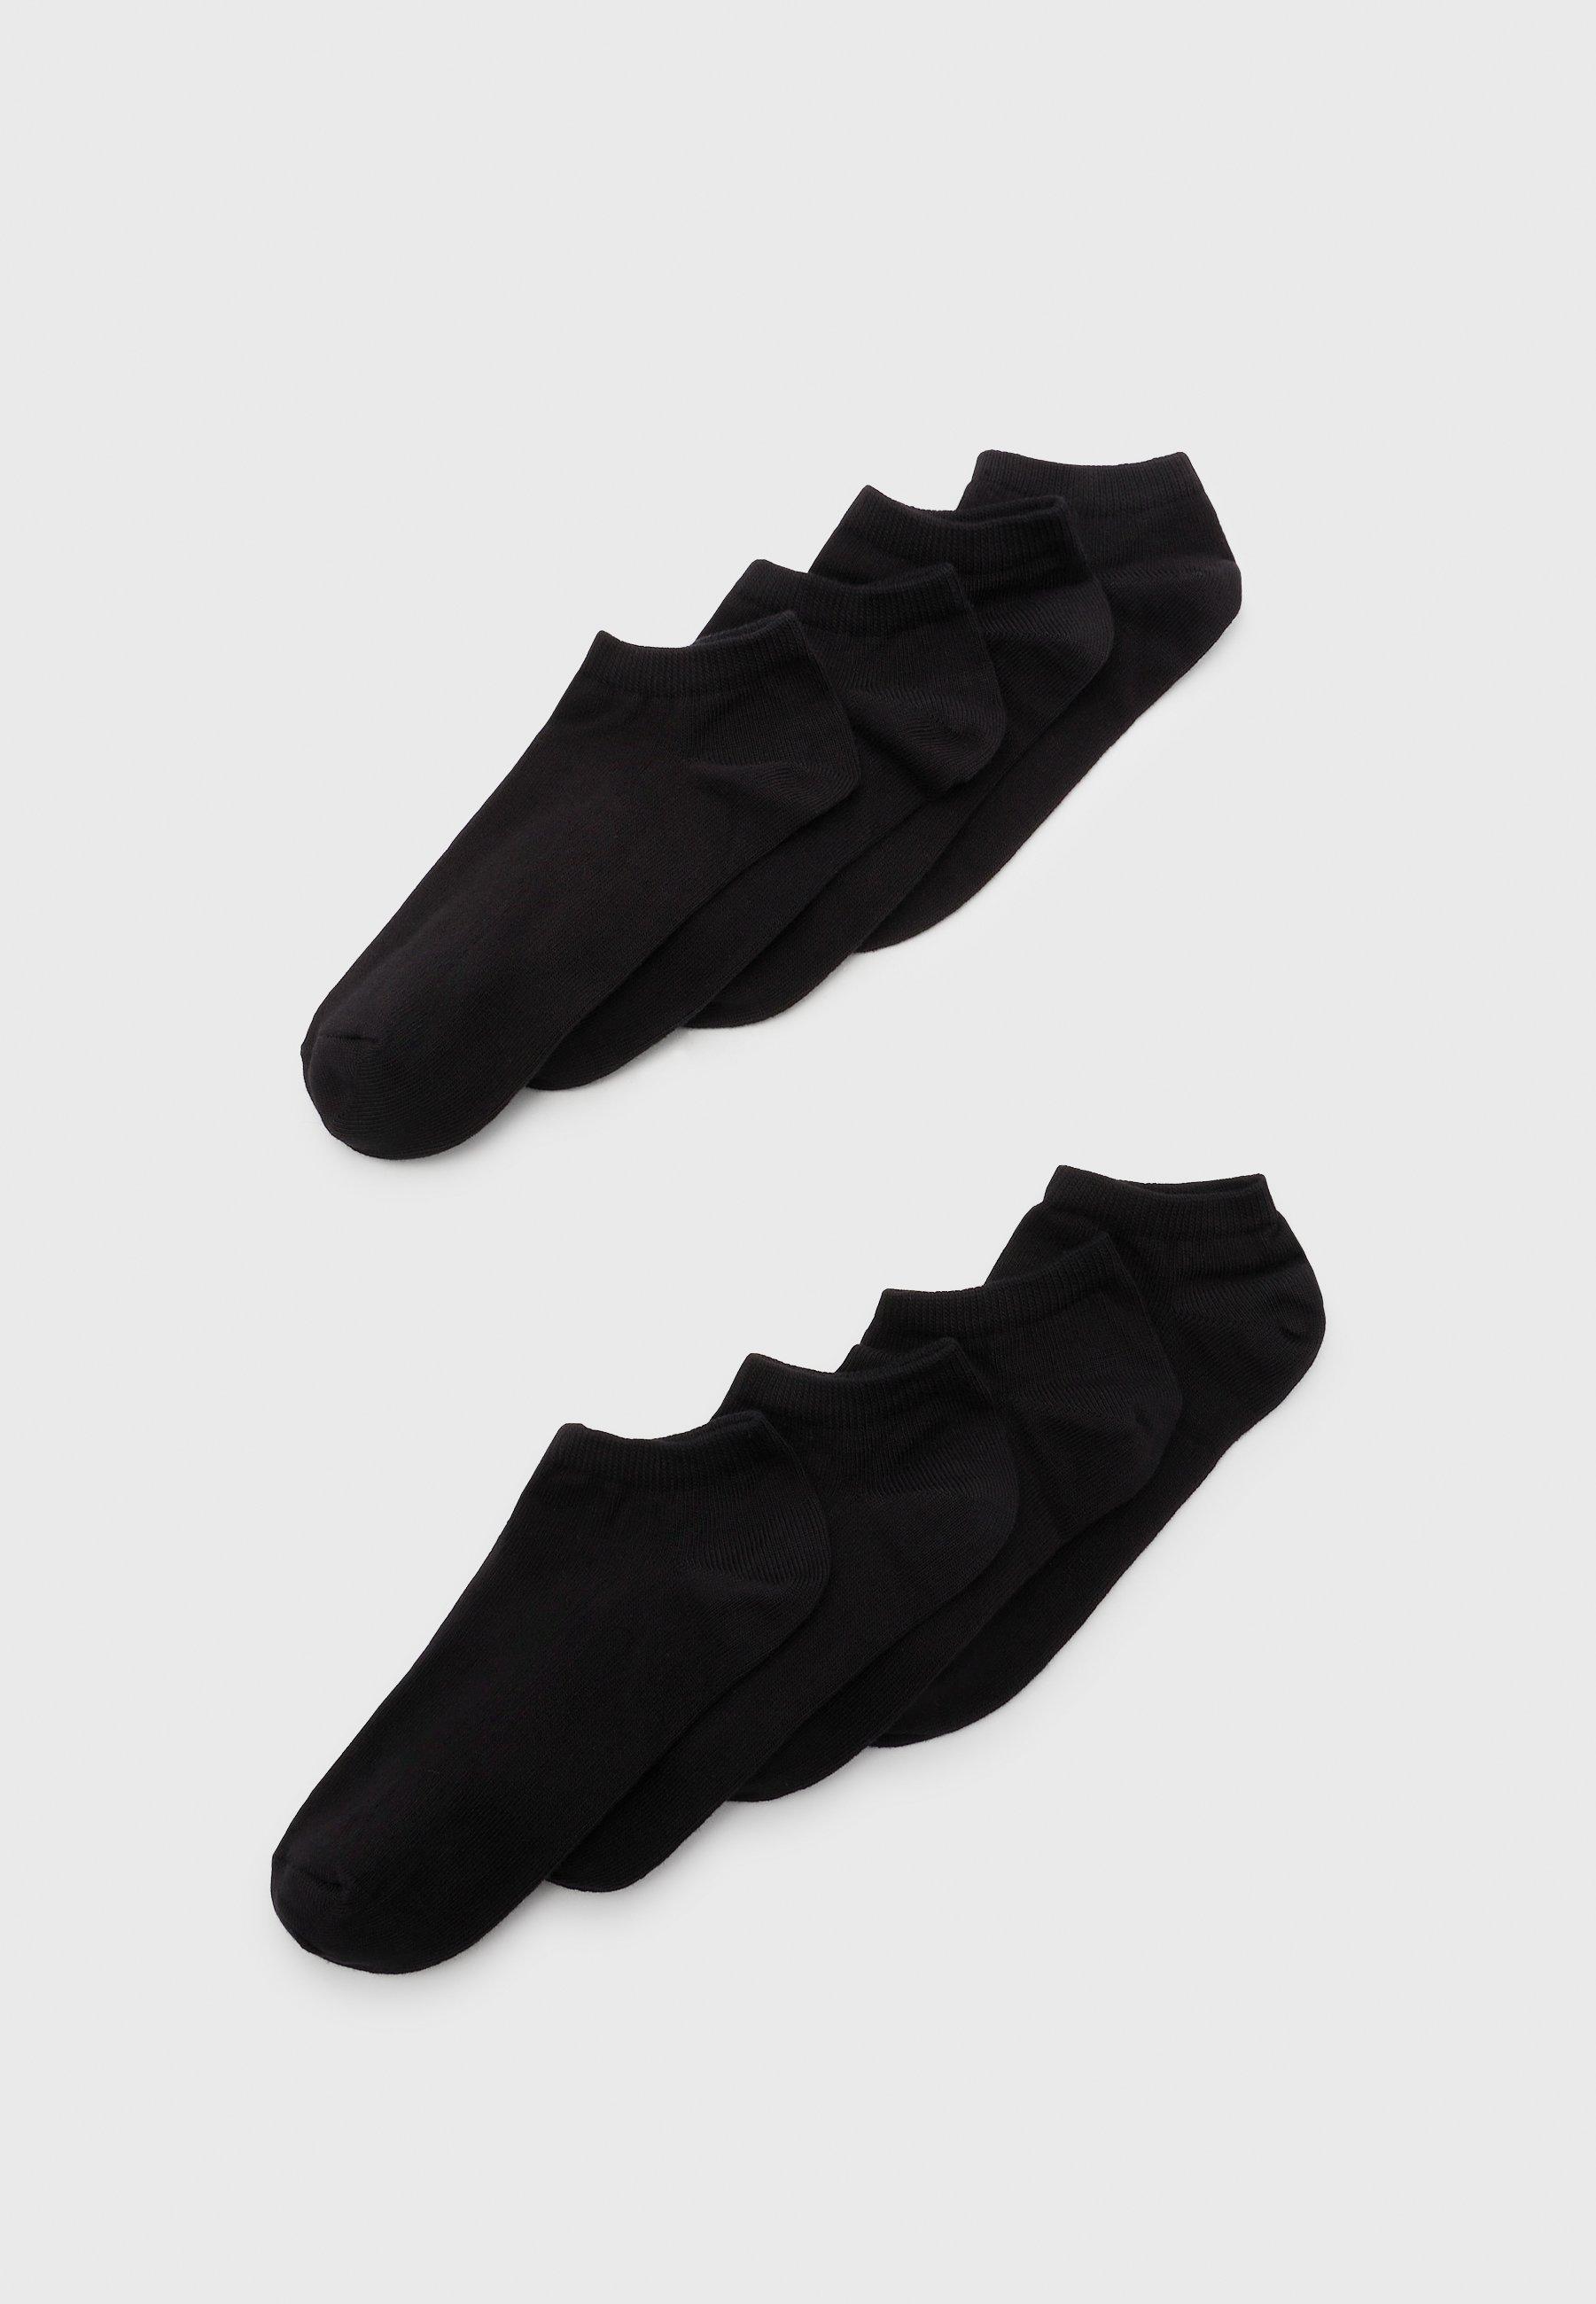 Femme SNEAKER SOCKS 8 PACK  - Chaussettes